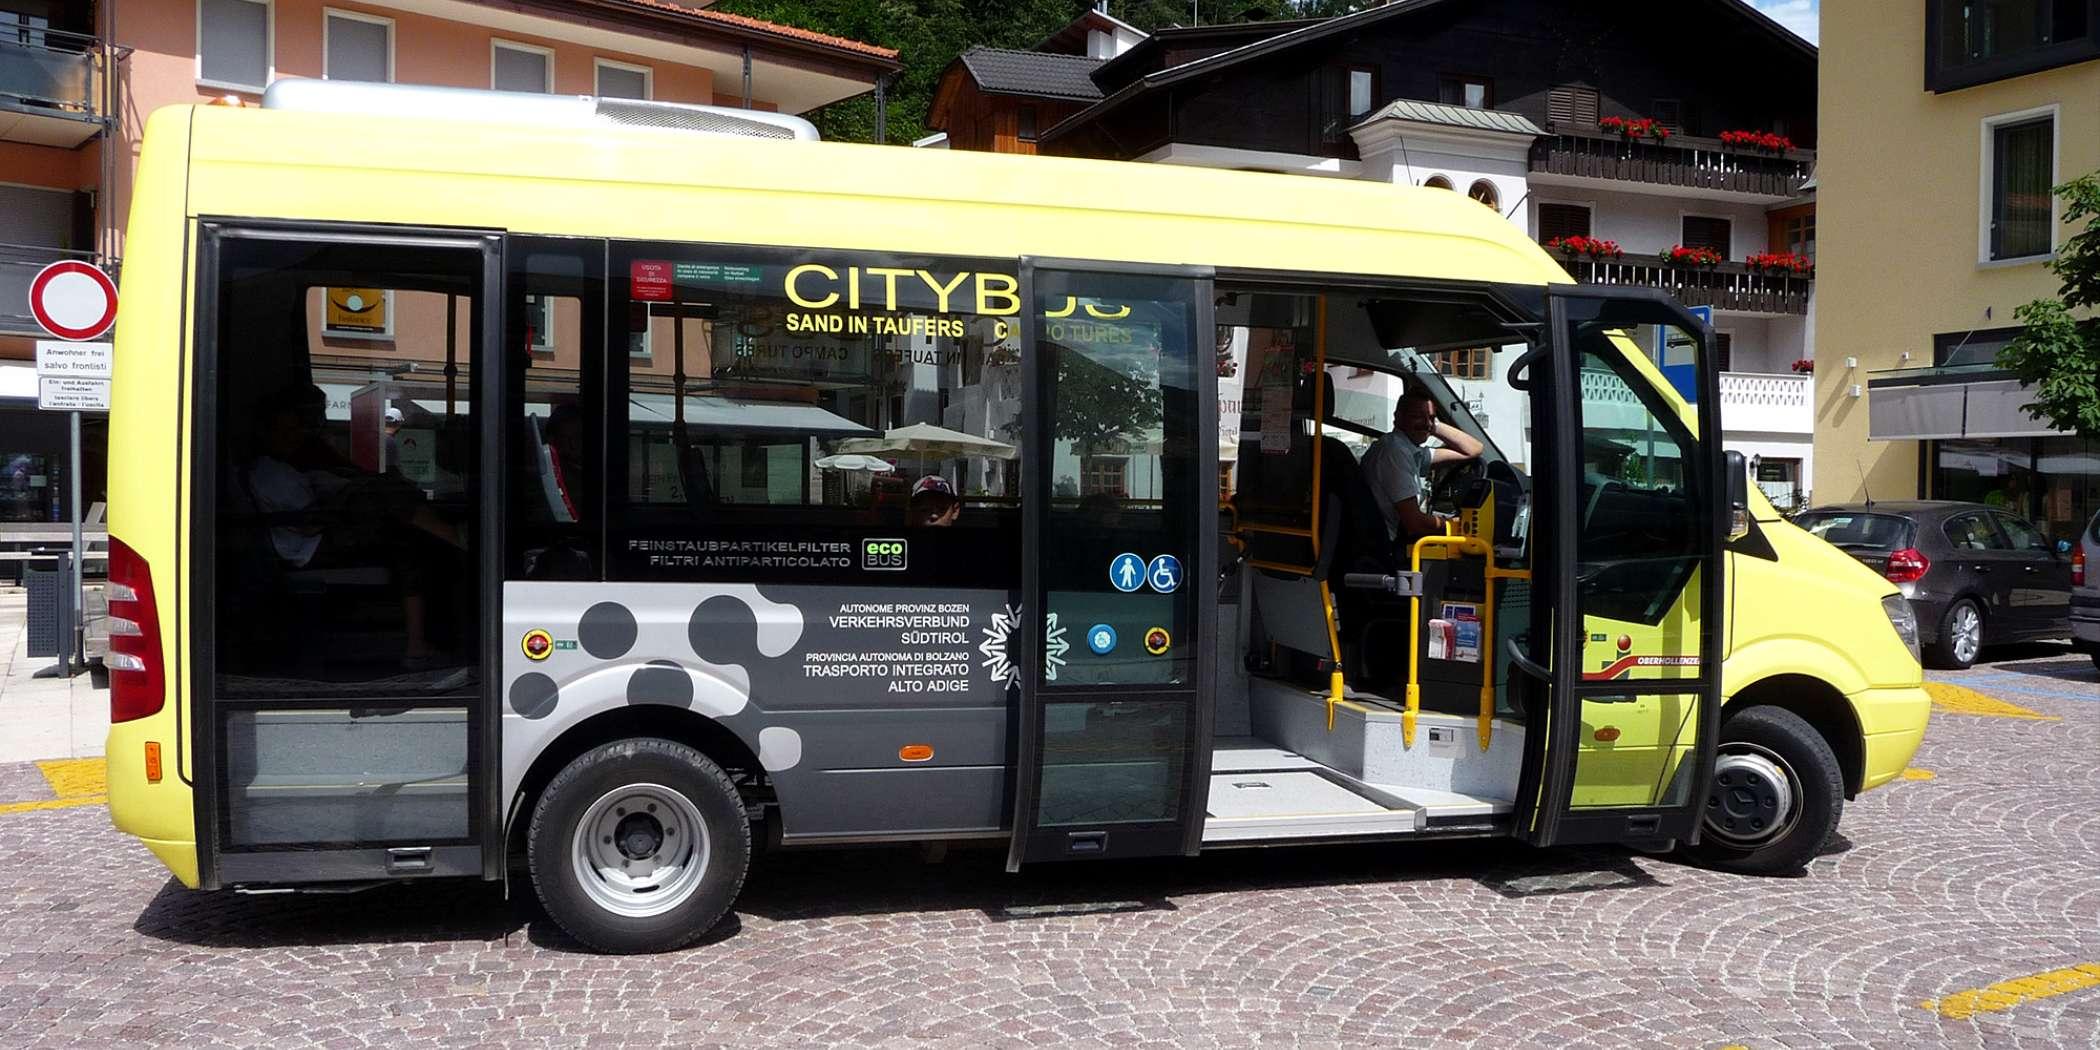 citybus-01